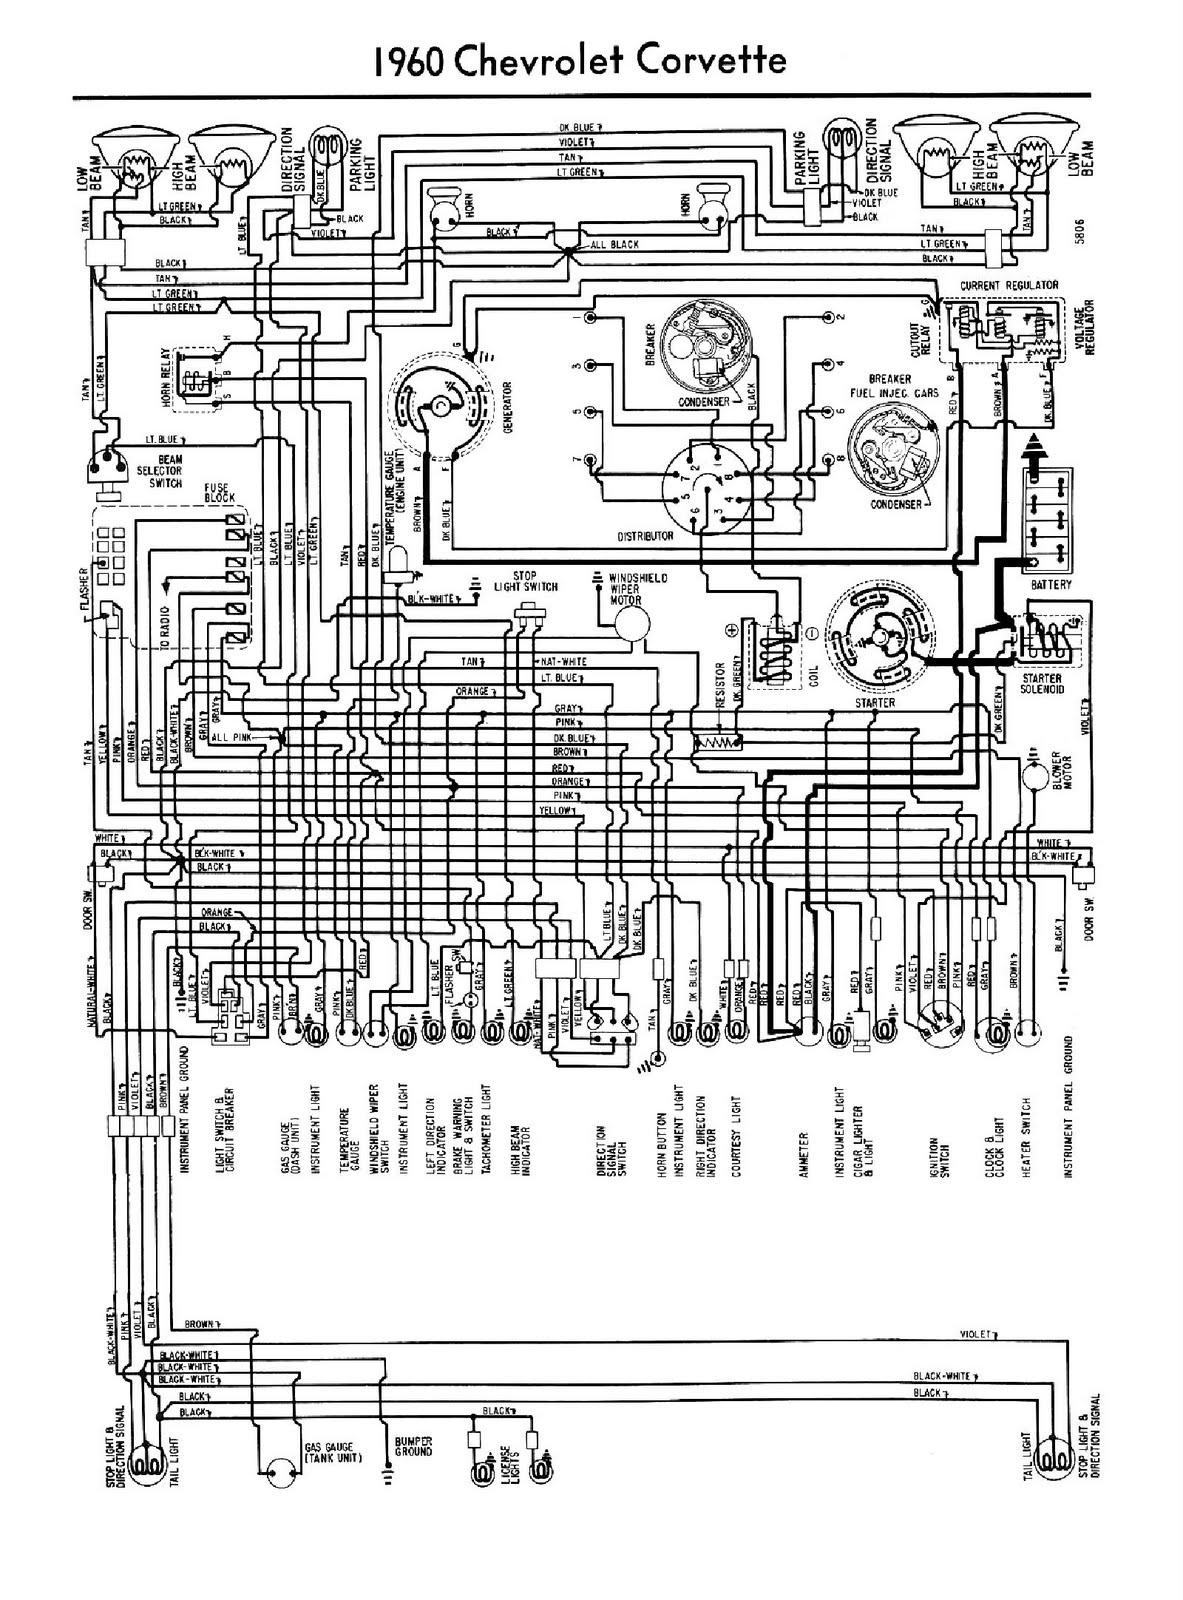 Free Auto Wiring Diagrams Nitrous Diagram 1960 Chevrolet Corvette